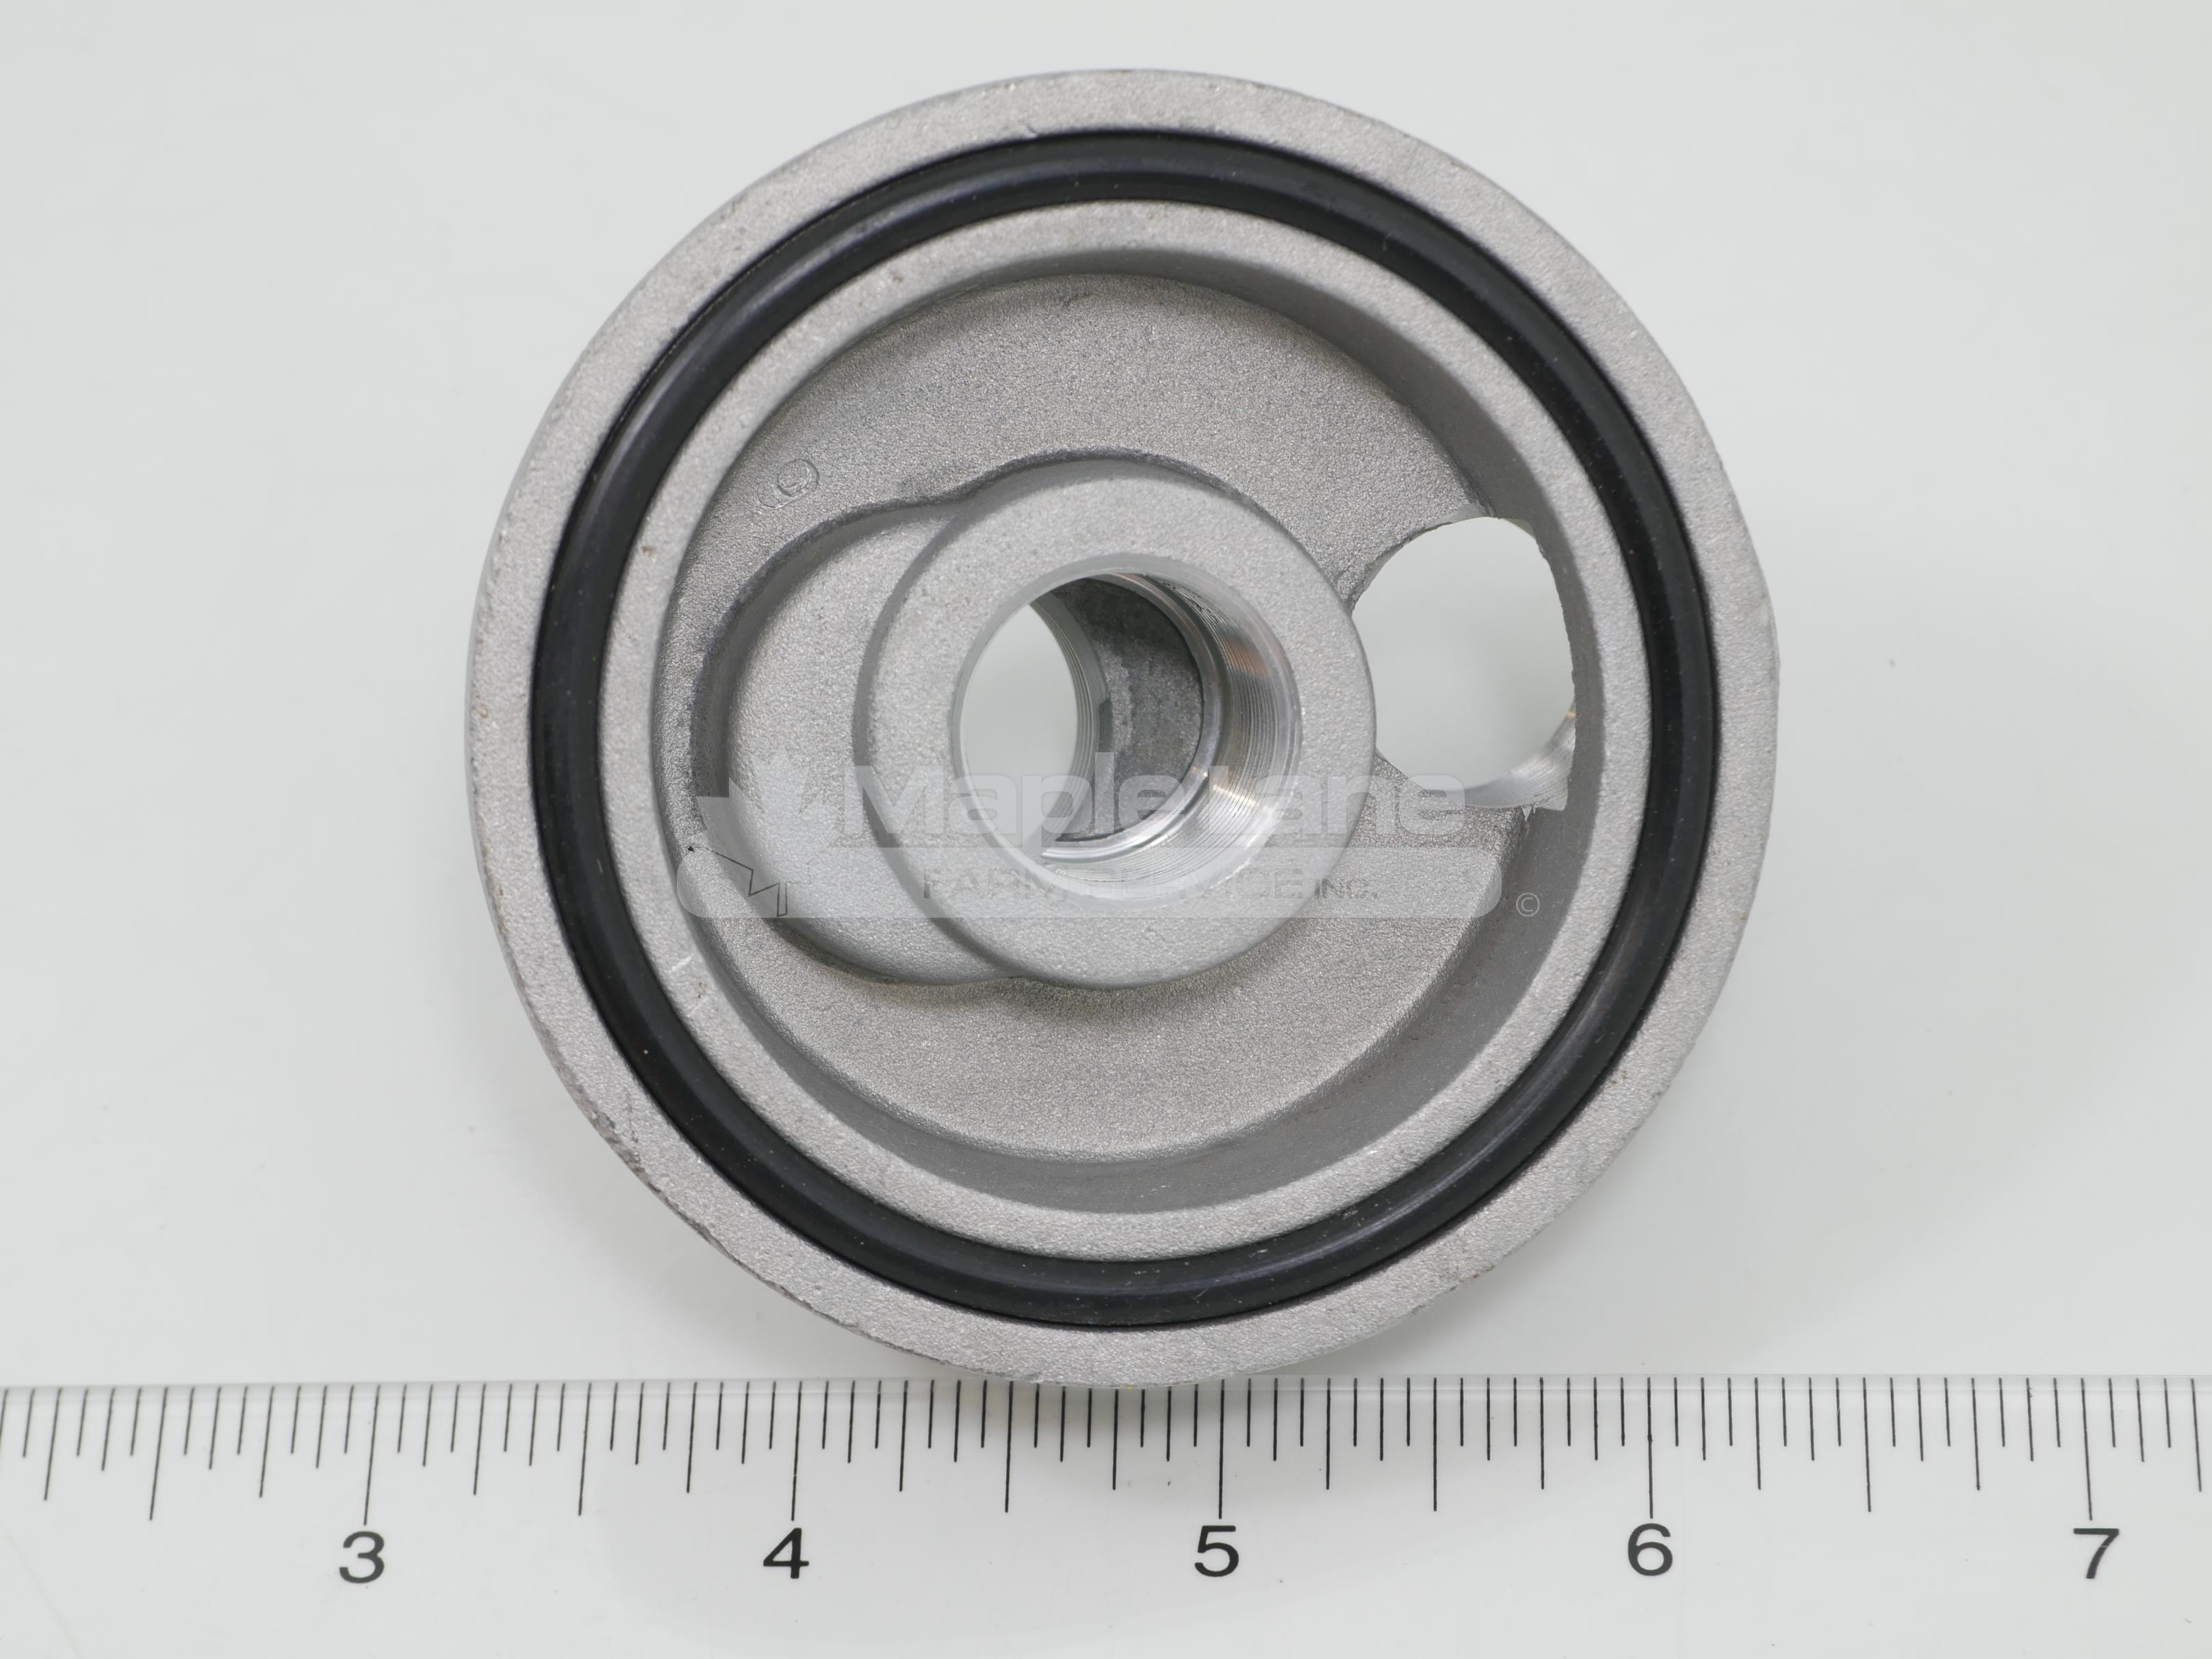 194068 Filter Adapter